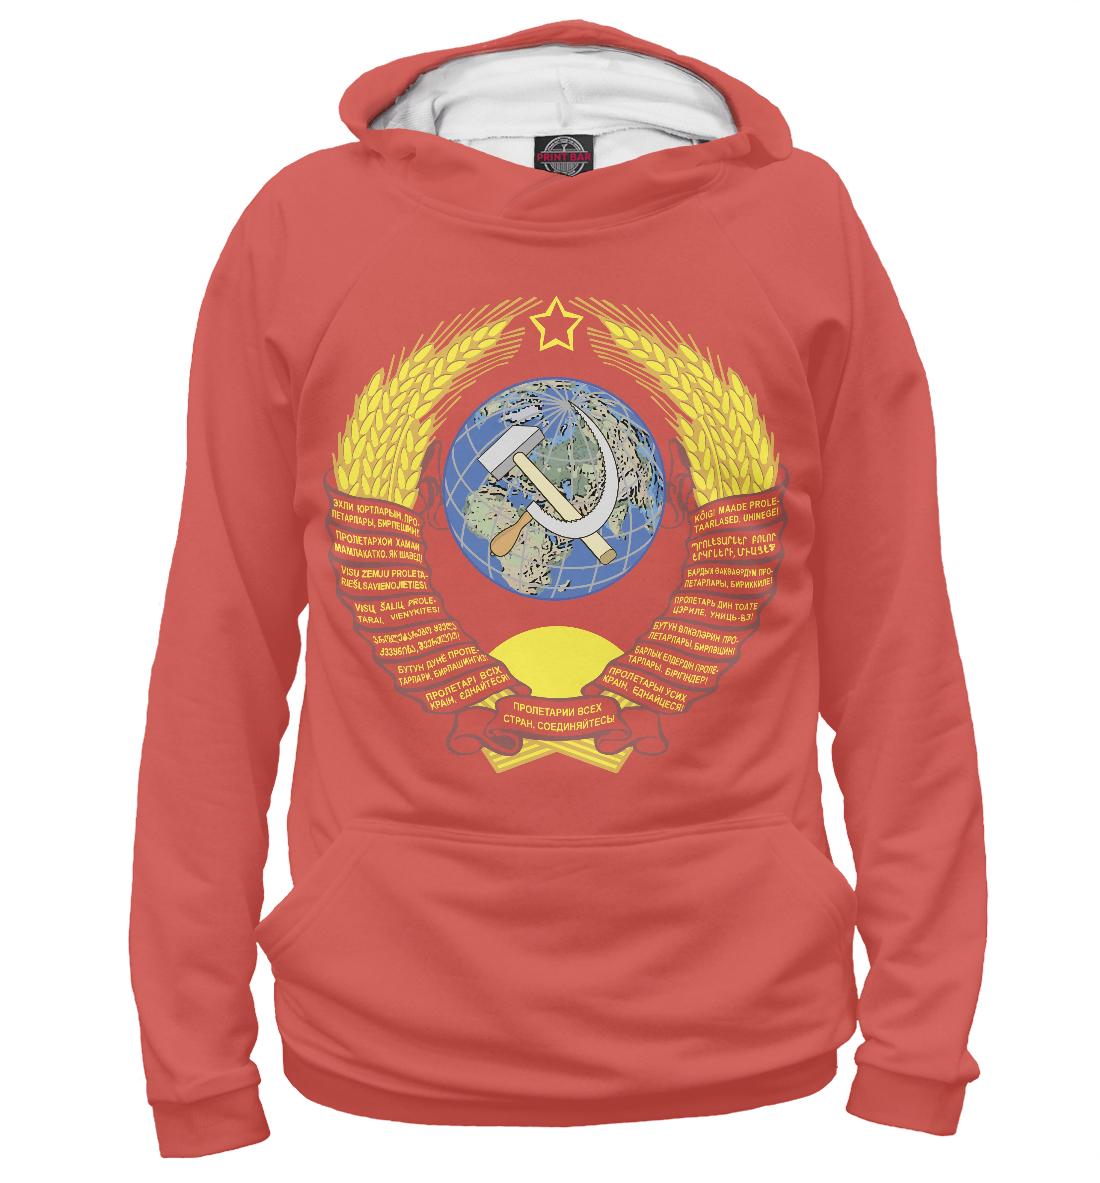 Купить Пролетарии всех стран, объединяйтесь!, Printbar, Худи, SSS-398968-hud-1